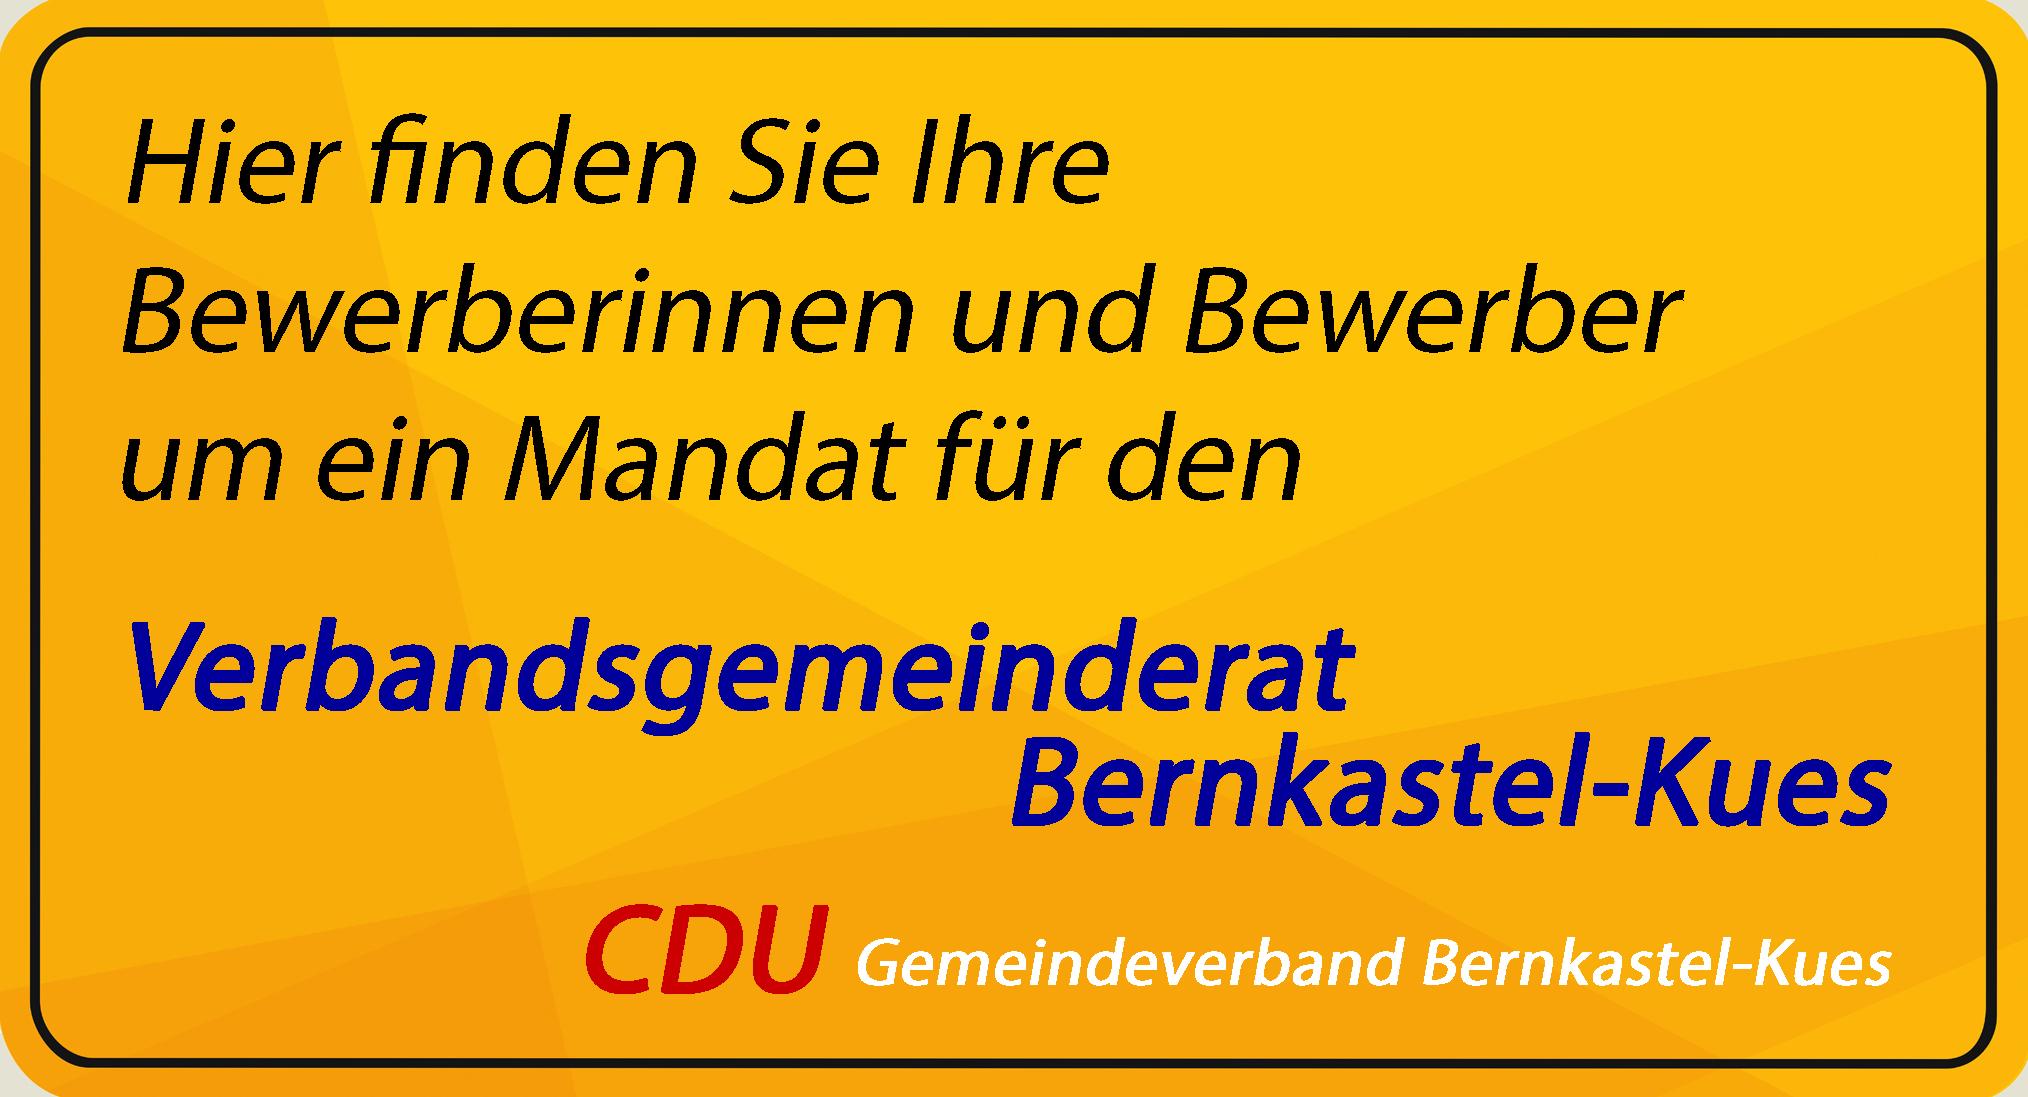 Verbandsgemeinderat